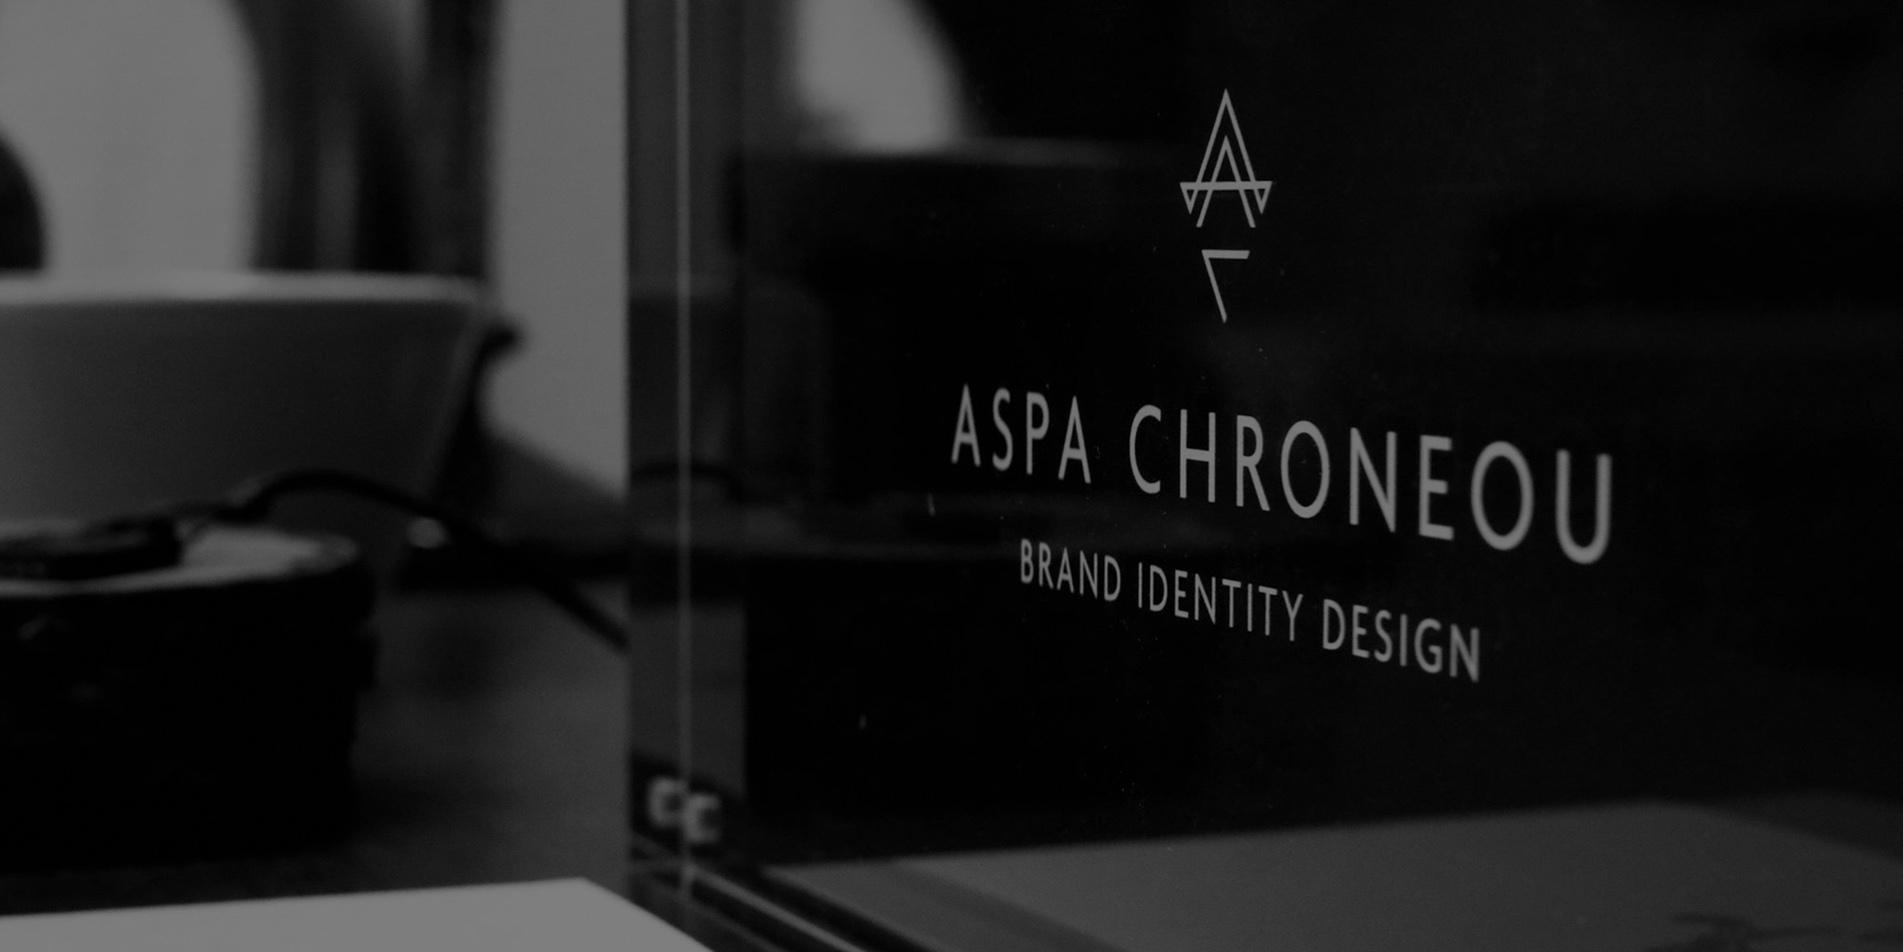 Aspa Chroneou casestudy